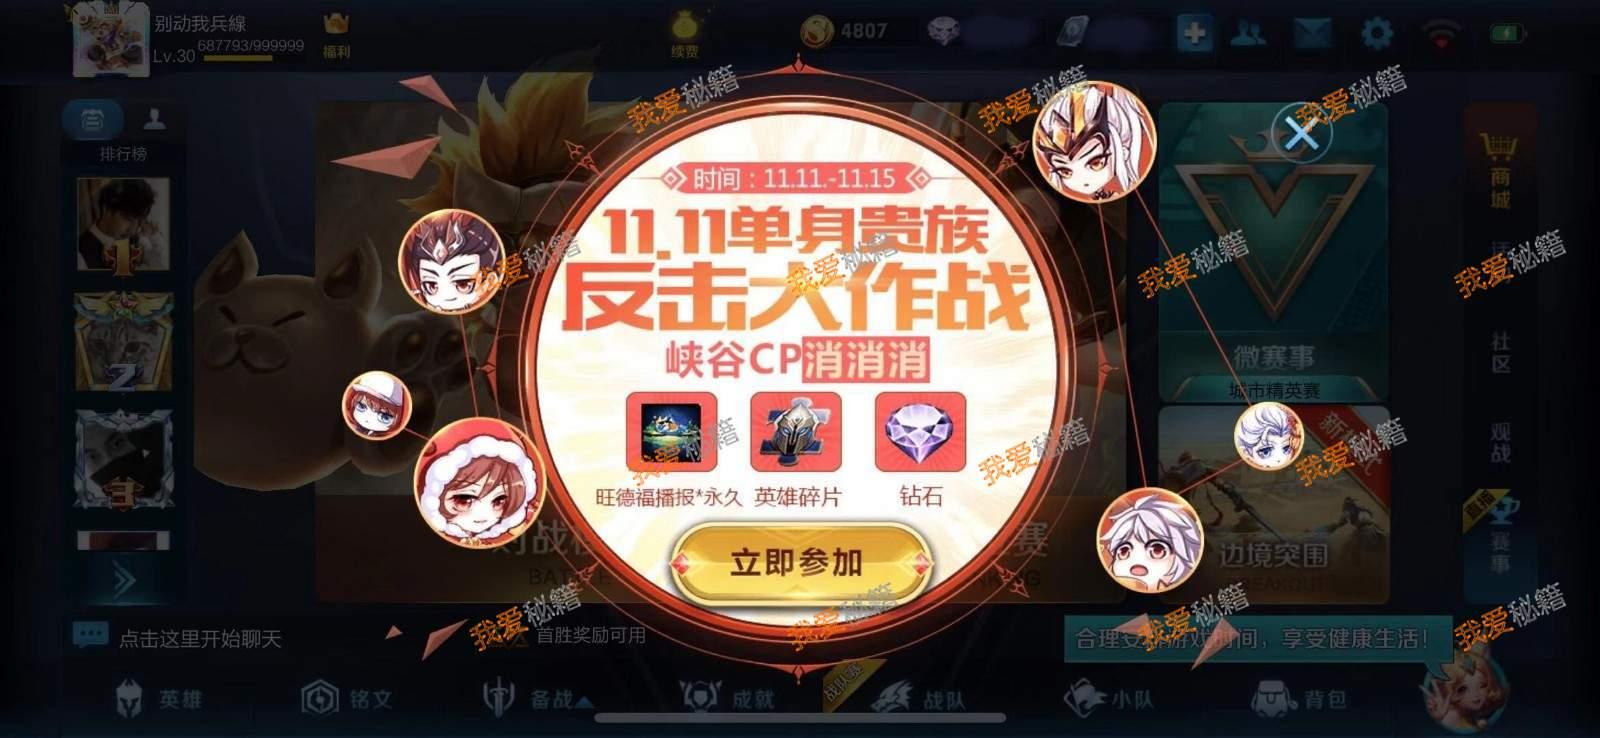 王者荣耀11.11单身贵族反击大作战玩法及奖励[多图]